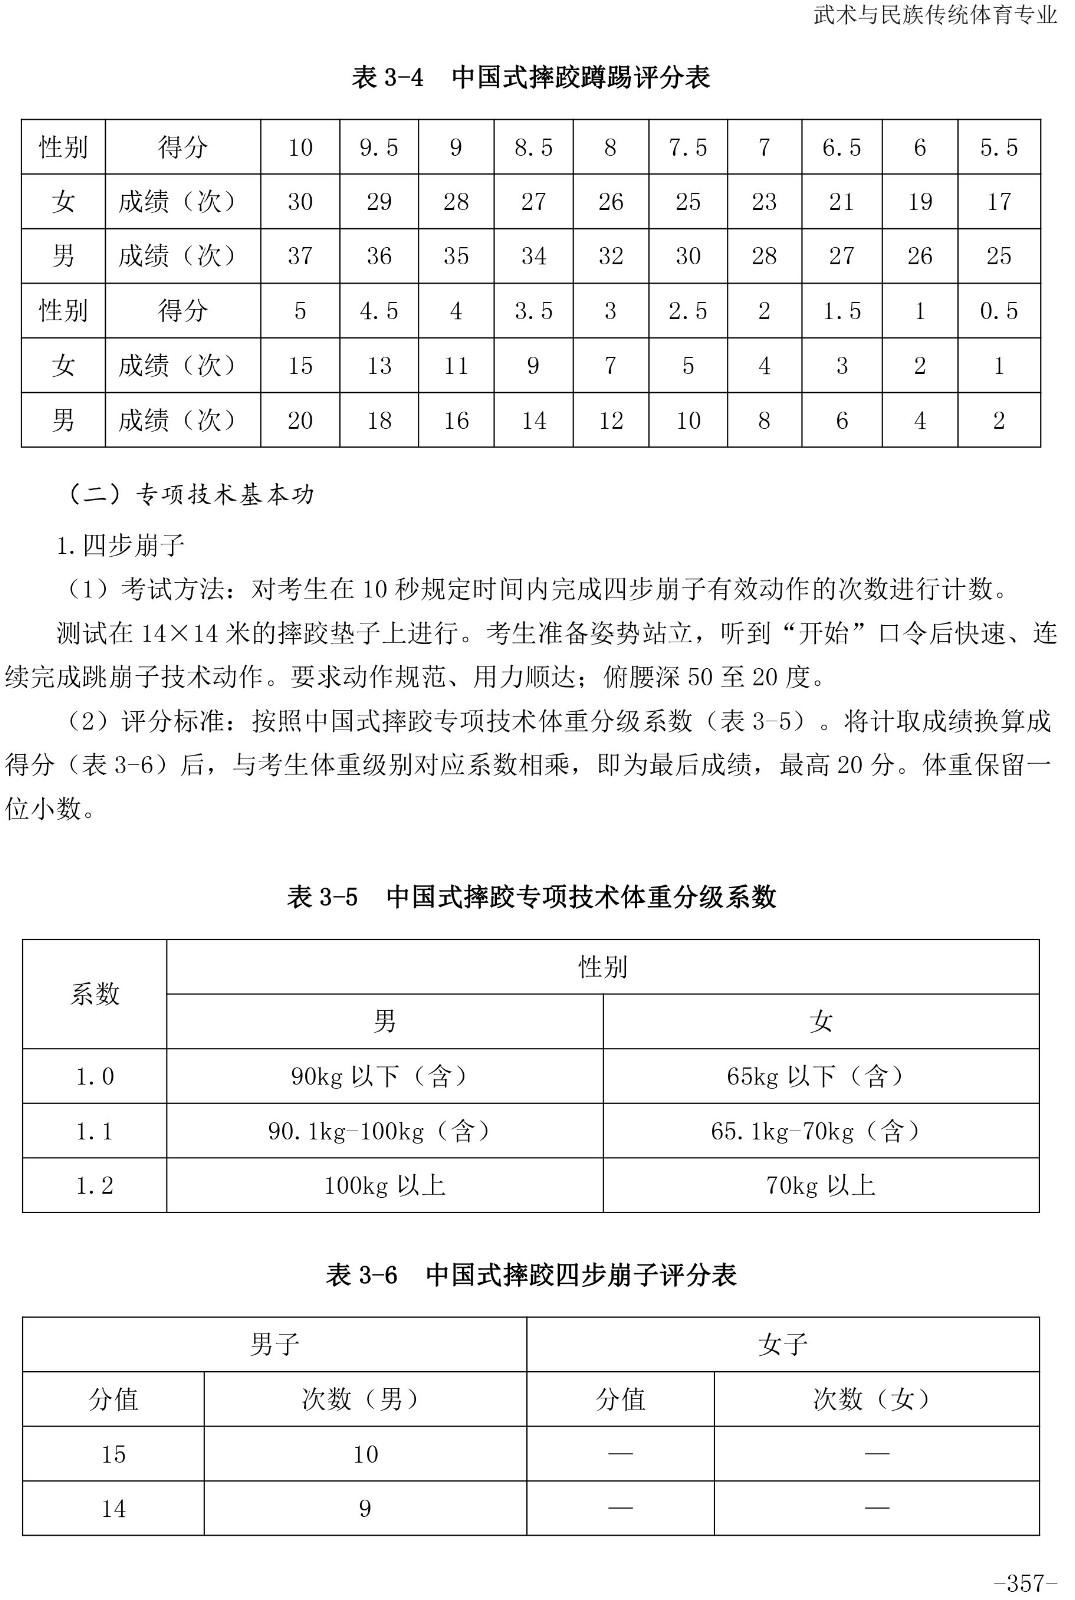 2020年体育单招专项(中国式摔跤)考试与评分标准